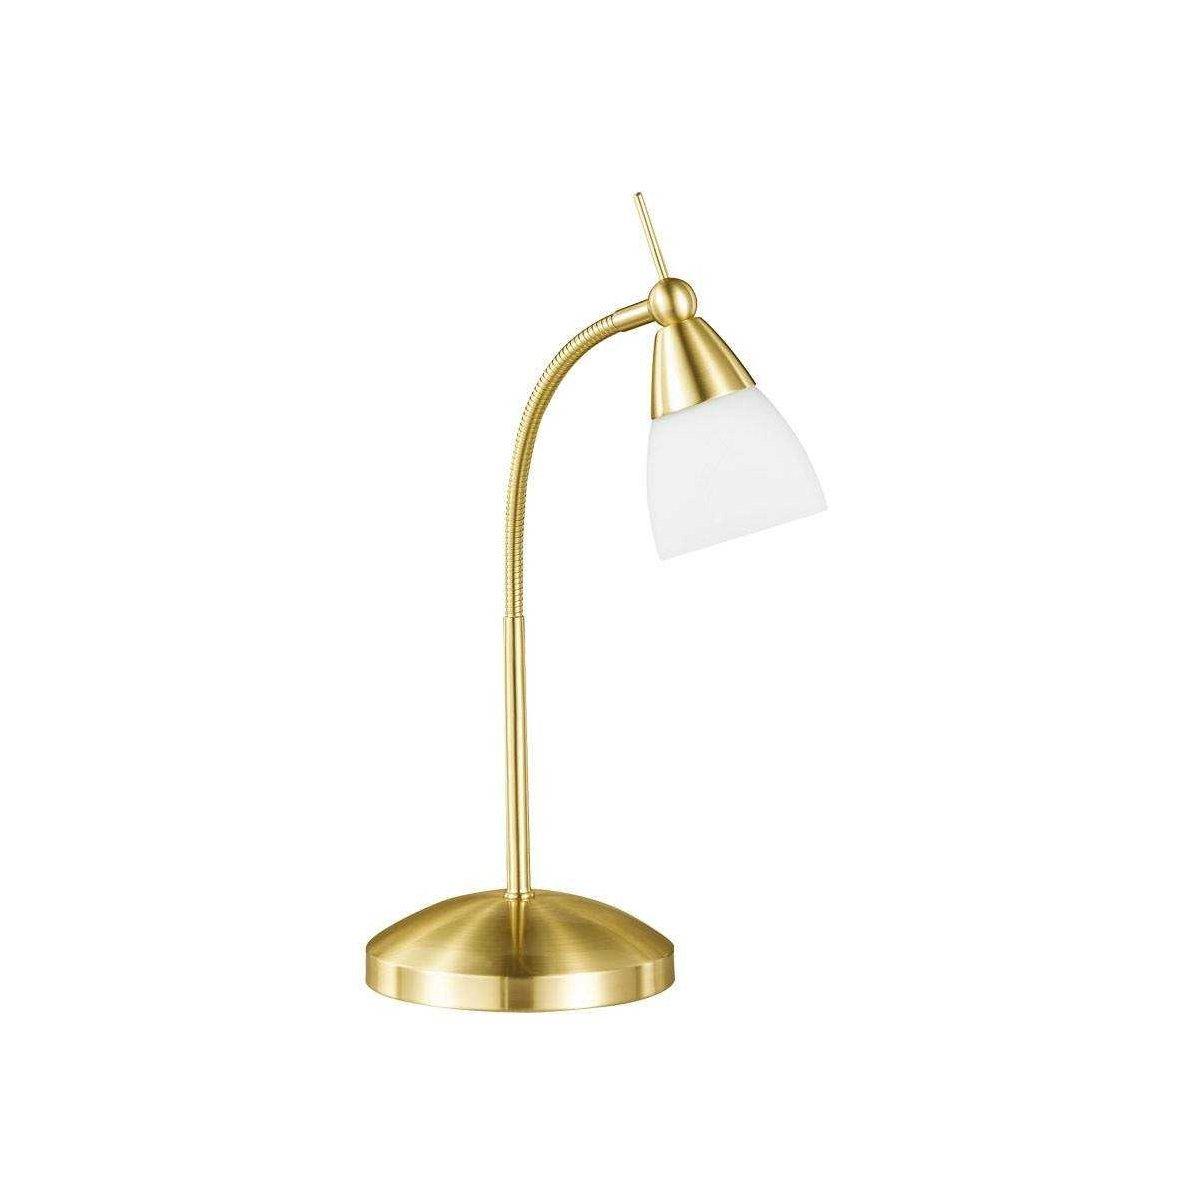 paul neuhaus tischleuchte 4430 60 preisvergleich lampe leuchte g nstig kaufen bei. Black Bedroom Furniture Sets. Home Design Ideas